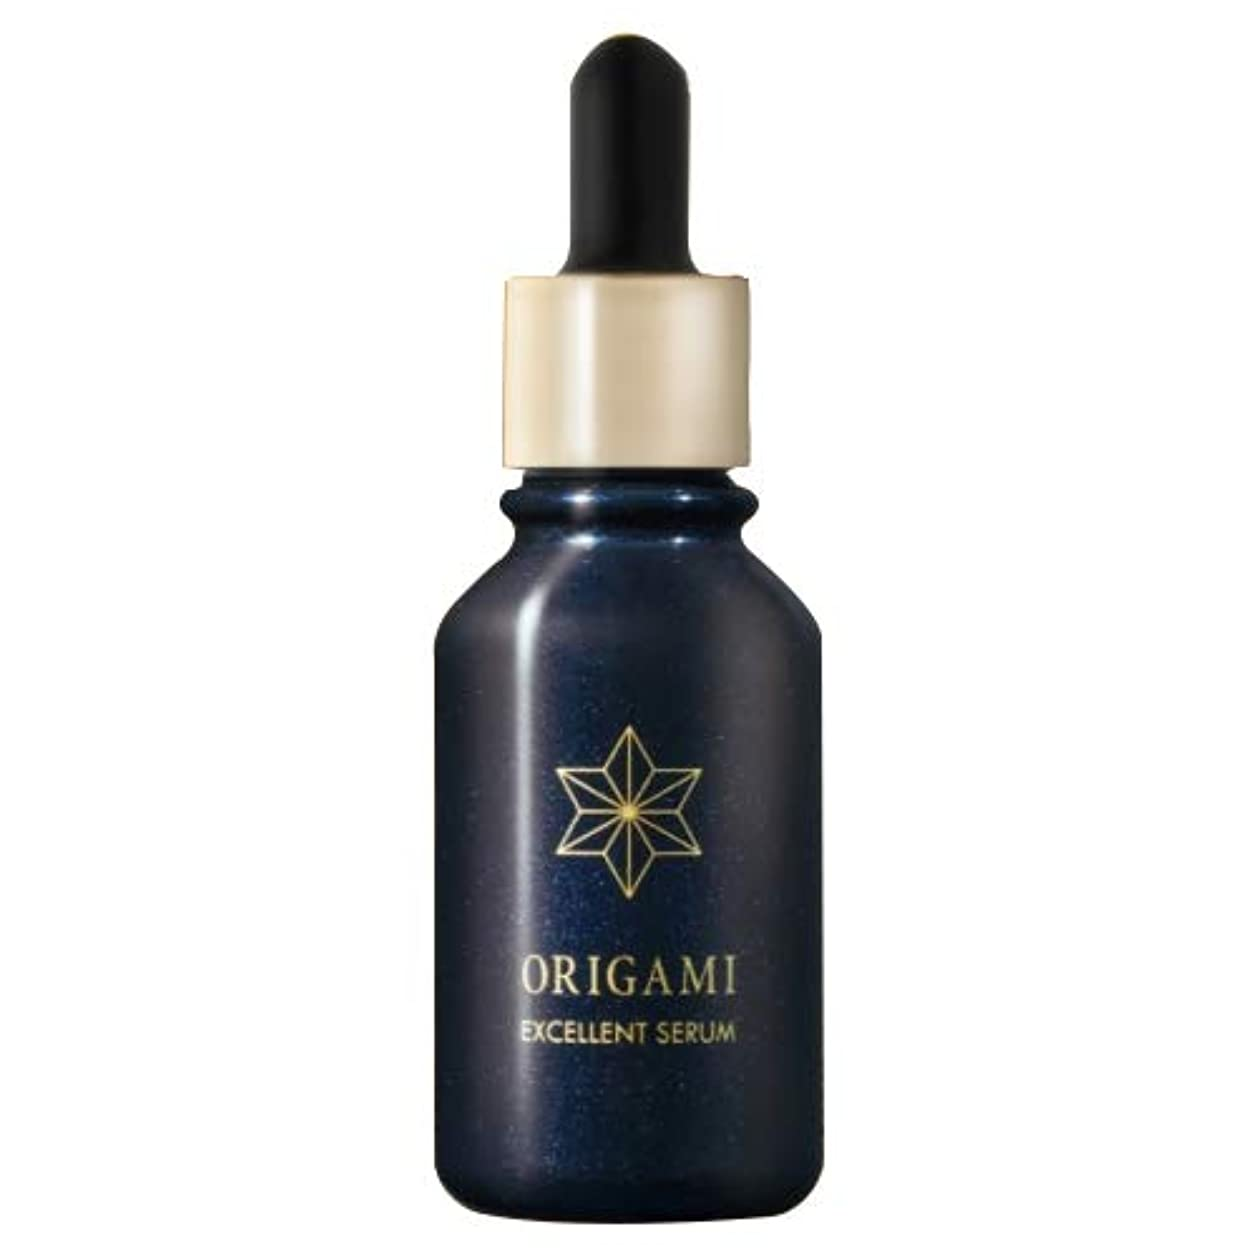 談話小麦粉多様性ORIGAMI エクセレントセラム 保湿美容液 40ml ヒト幹細胞培養液配合